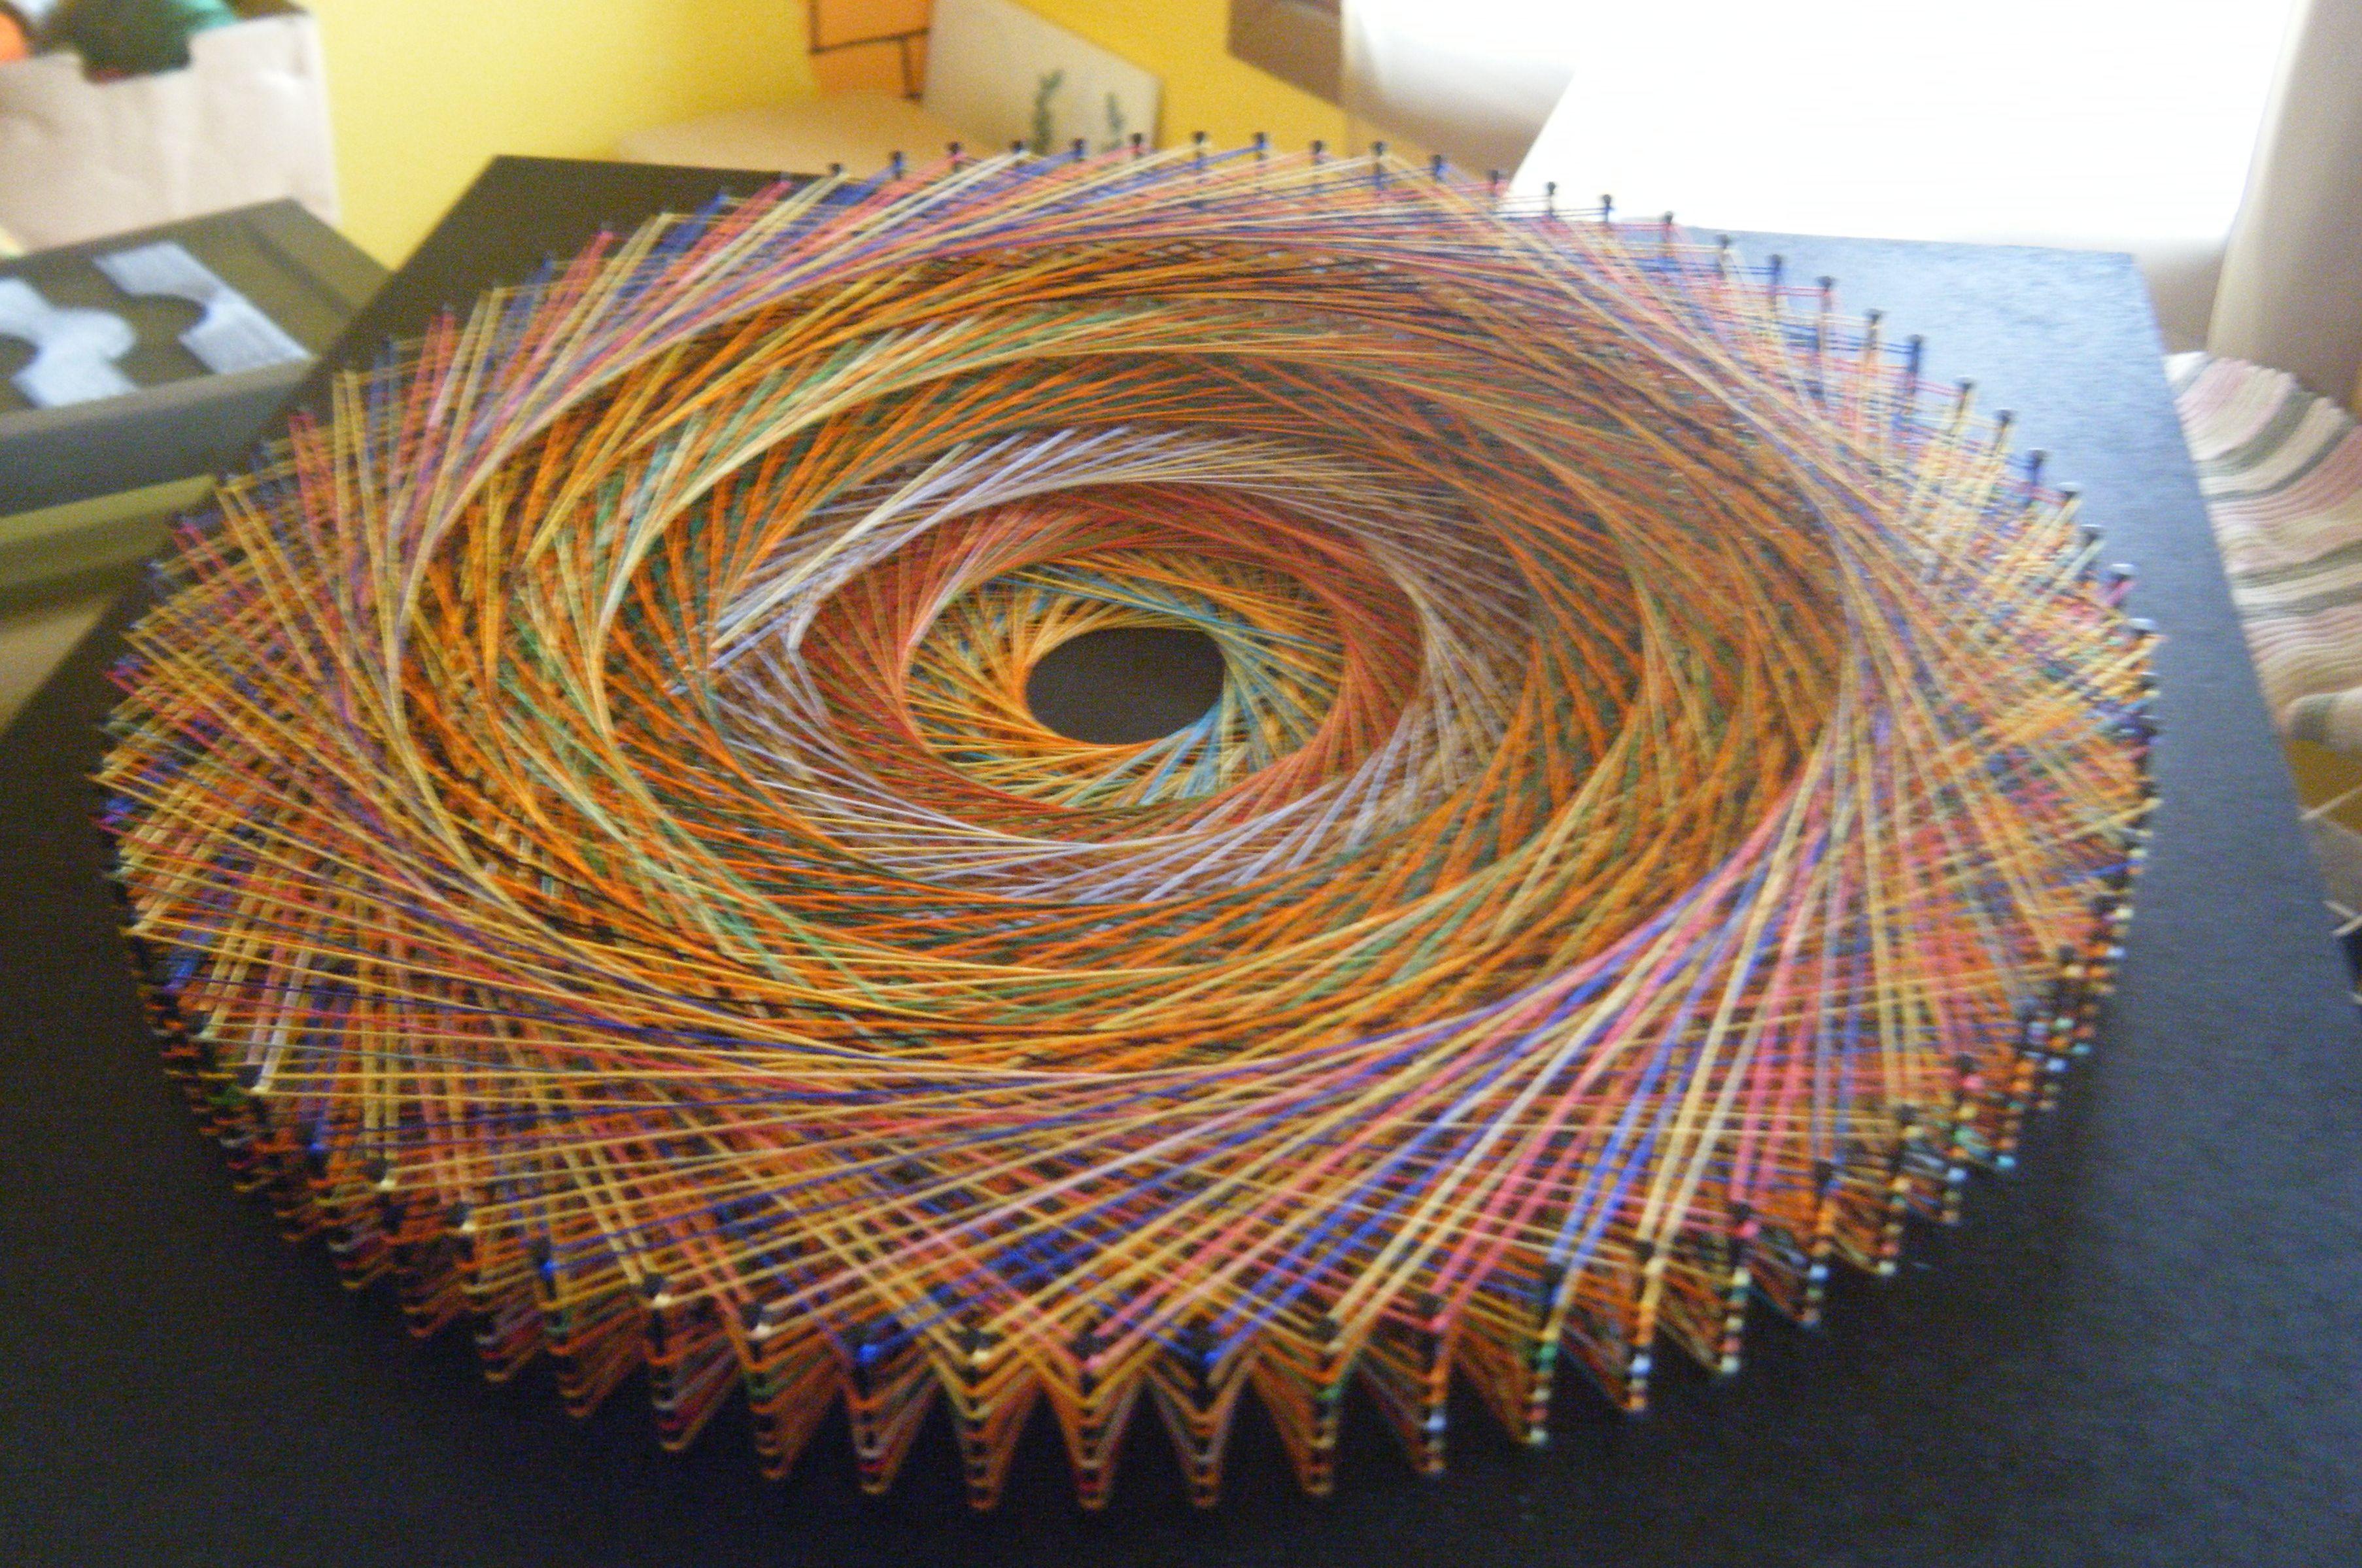 Modelo LinhasdoCunha. Quadro de linhas e pregos sob base de madeira pintada.